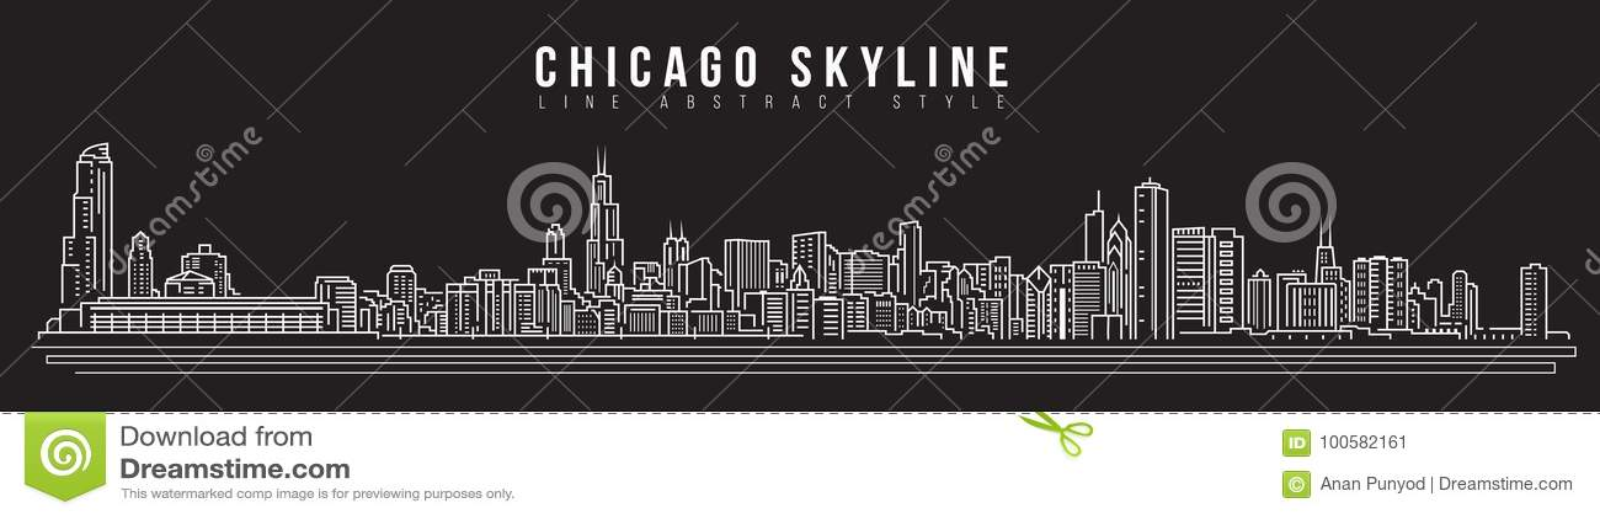 Διανυσματικό σχέδιο απεικόνισης τέχνης γραμμών κτηρίου εικονικής παράστασης πόλης - ορίζοντας του Σικάγου